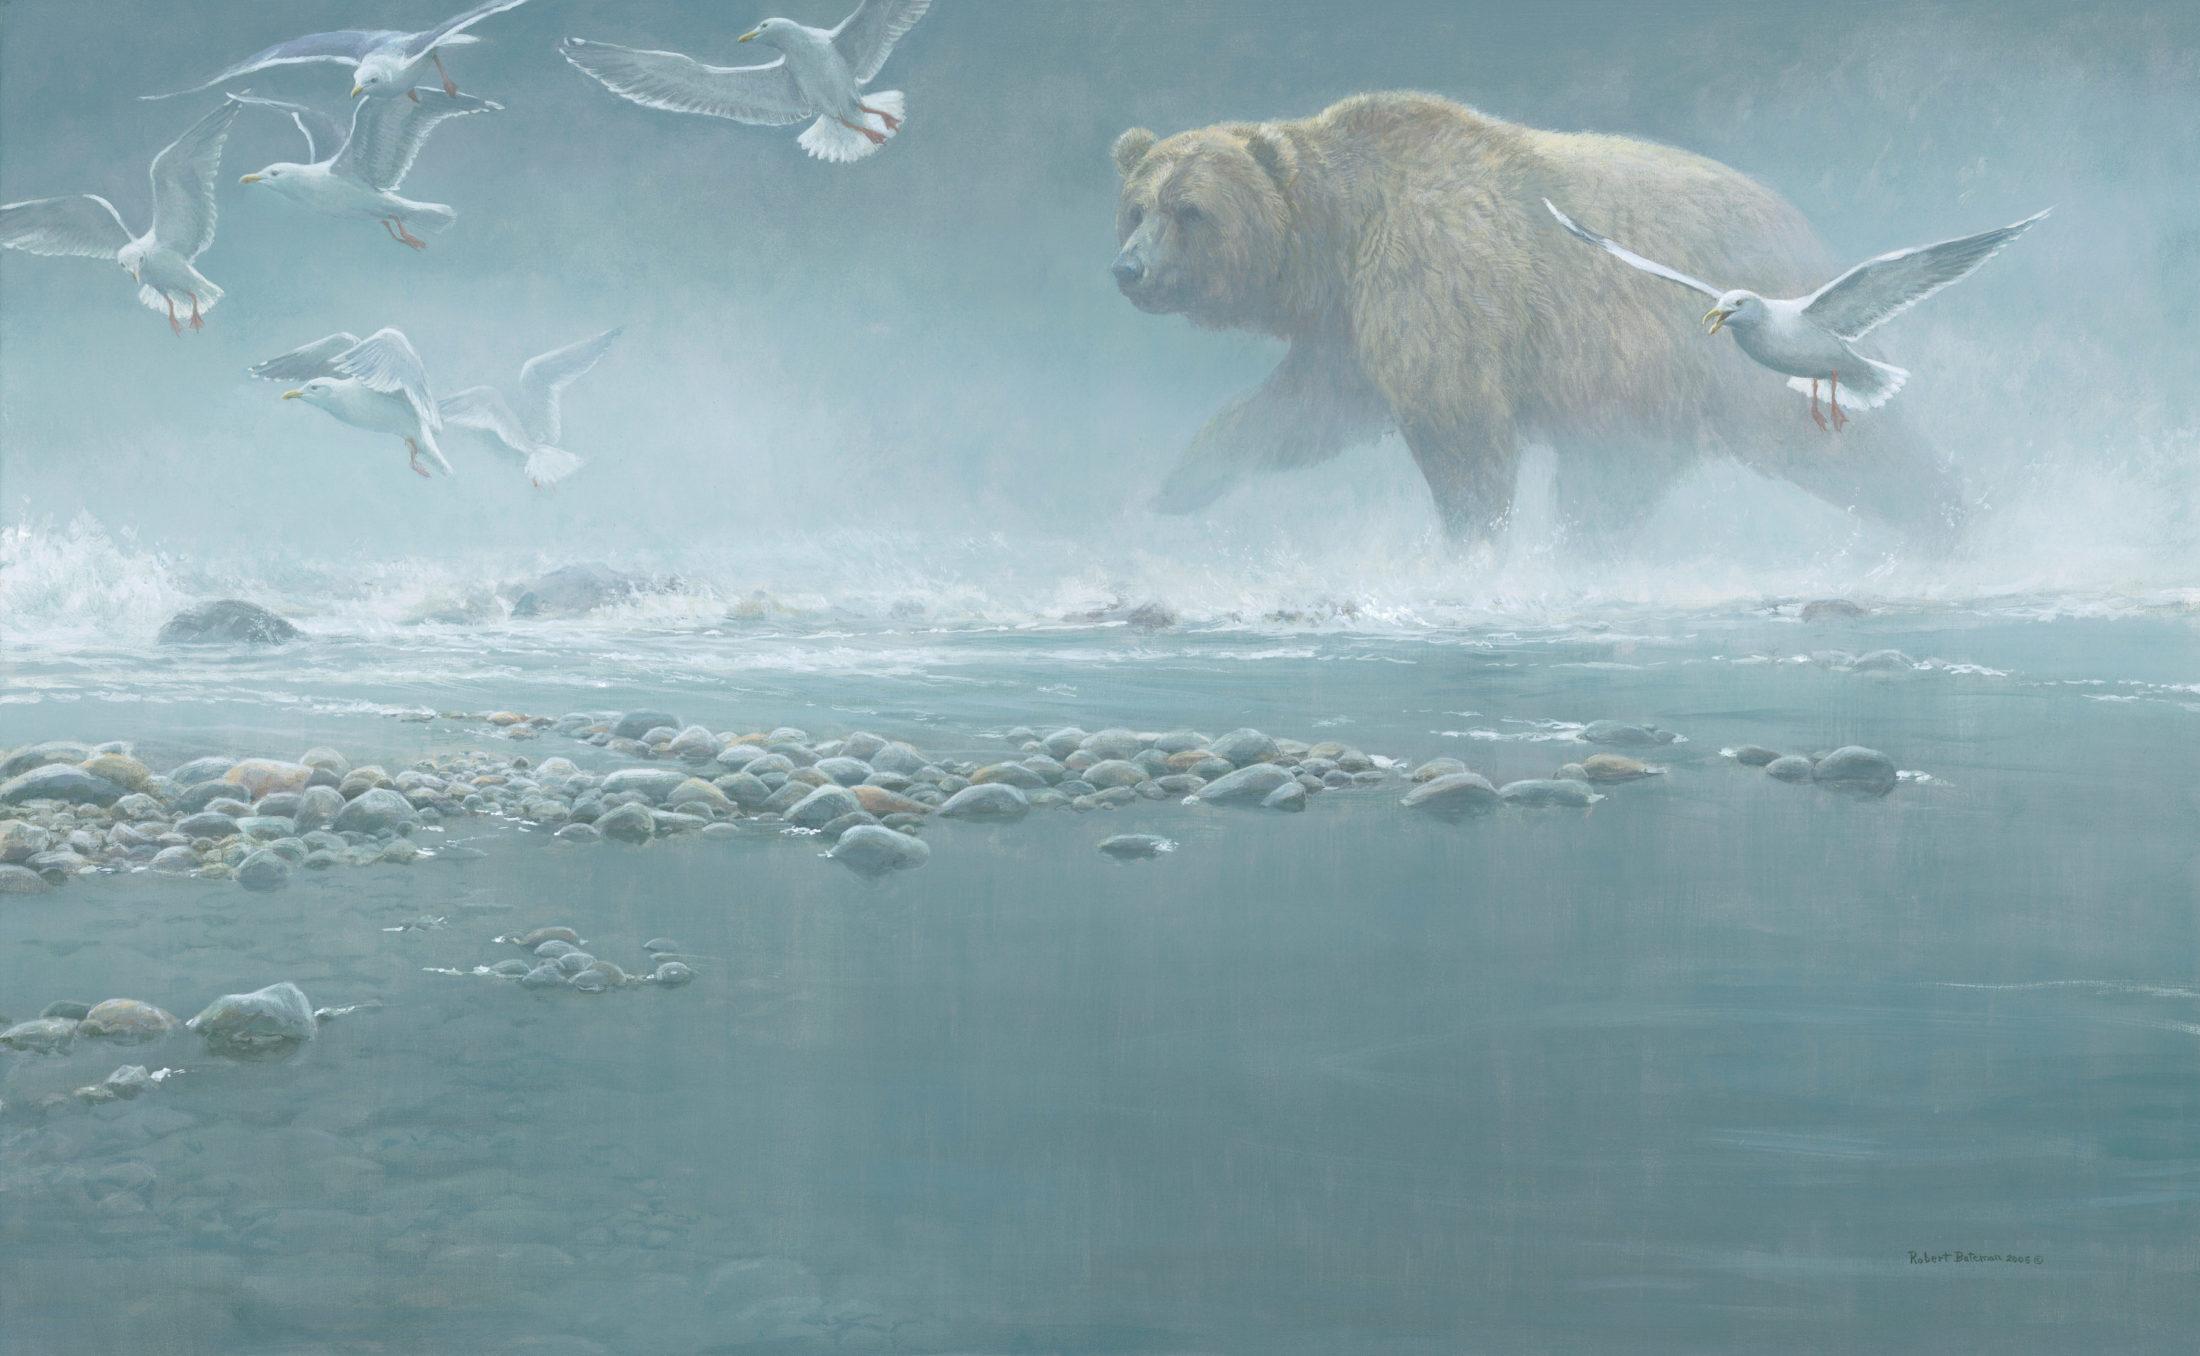 Robert Bateman, Above the Rapids – Gulls & Grizzly